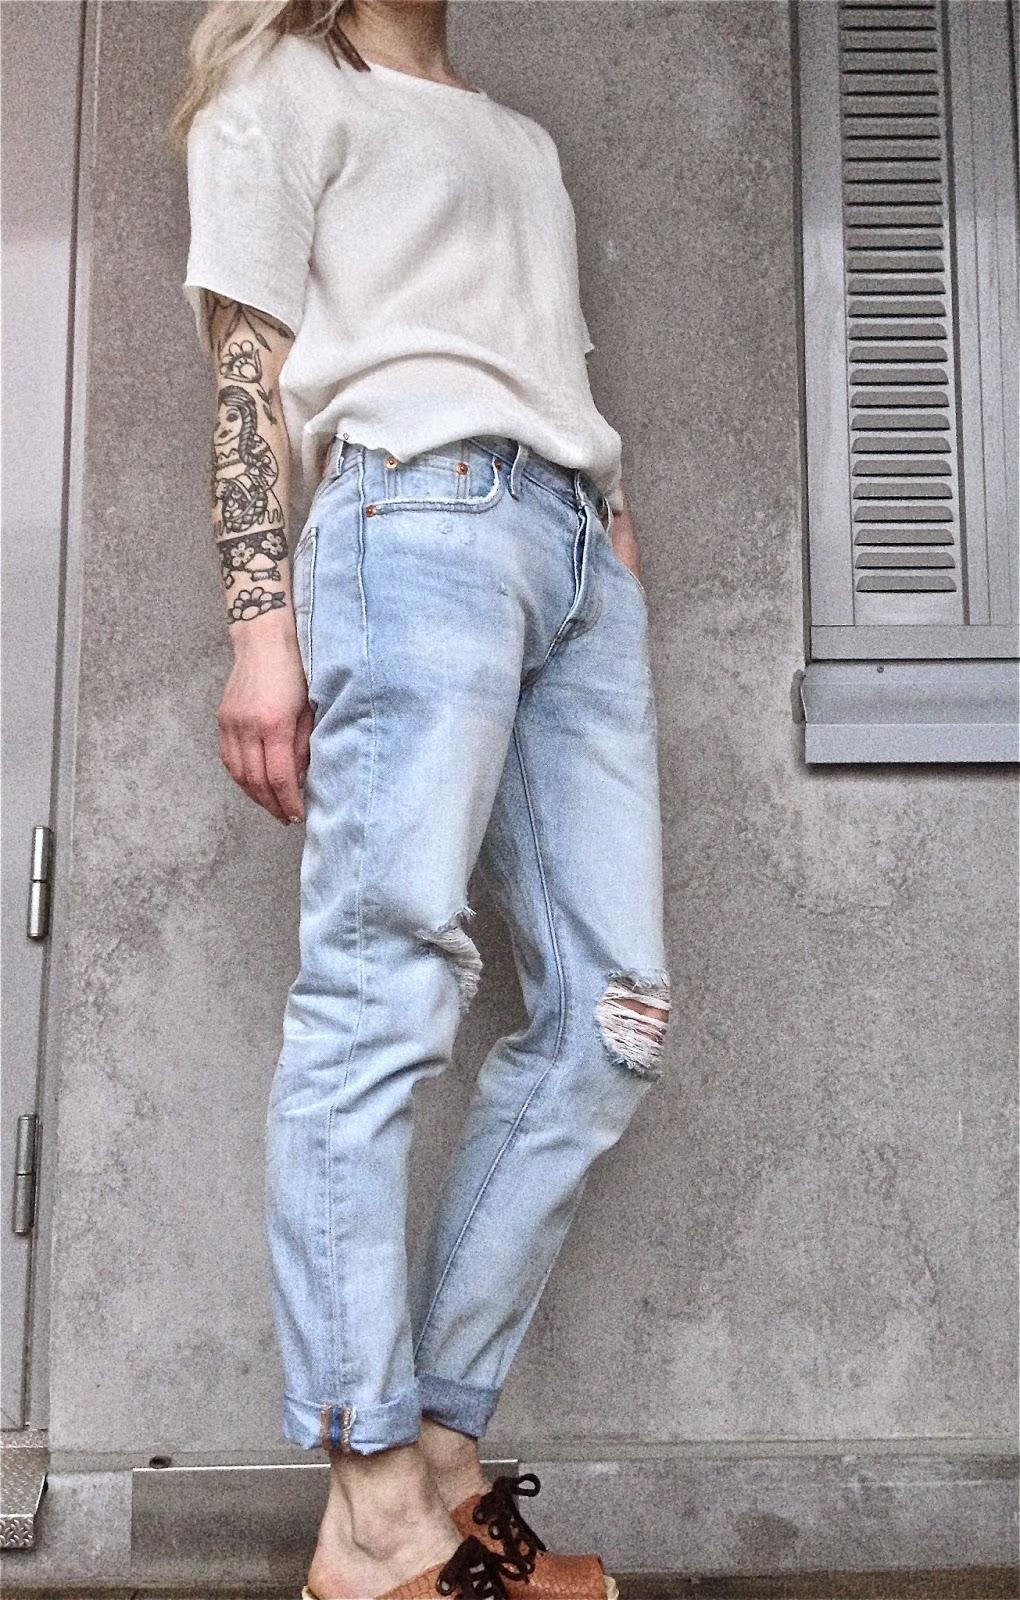 Levis, Levis 501, Levis 501 CT, 501CT, Old Favorite, 501 women, New Levis model, jeans, light blue jeans, boyfriend jeans, relaxed fit jeans